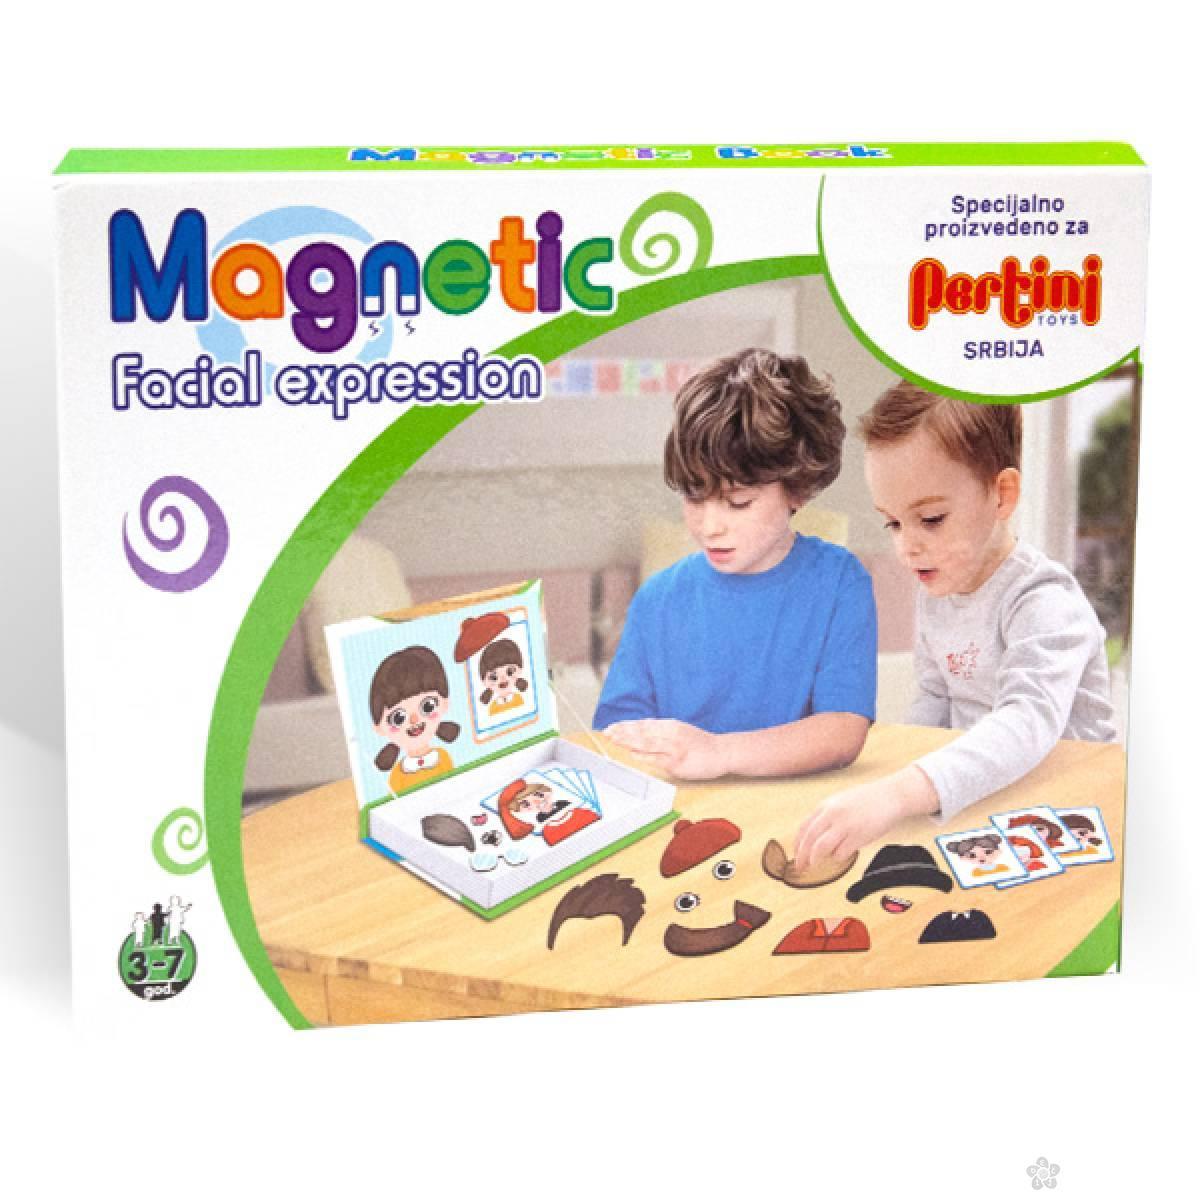 Magnetni set izrazi lica i osećanja 23363